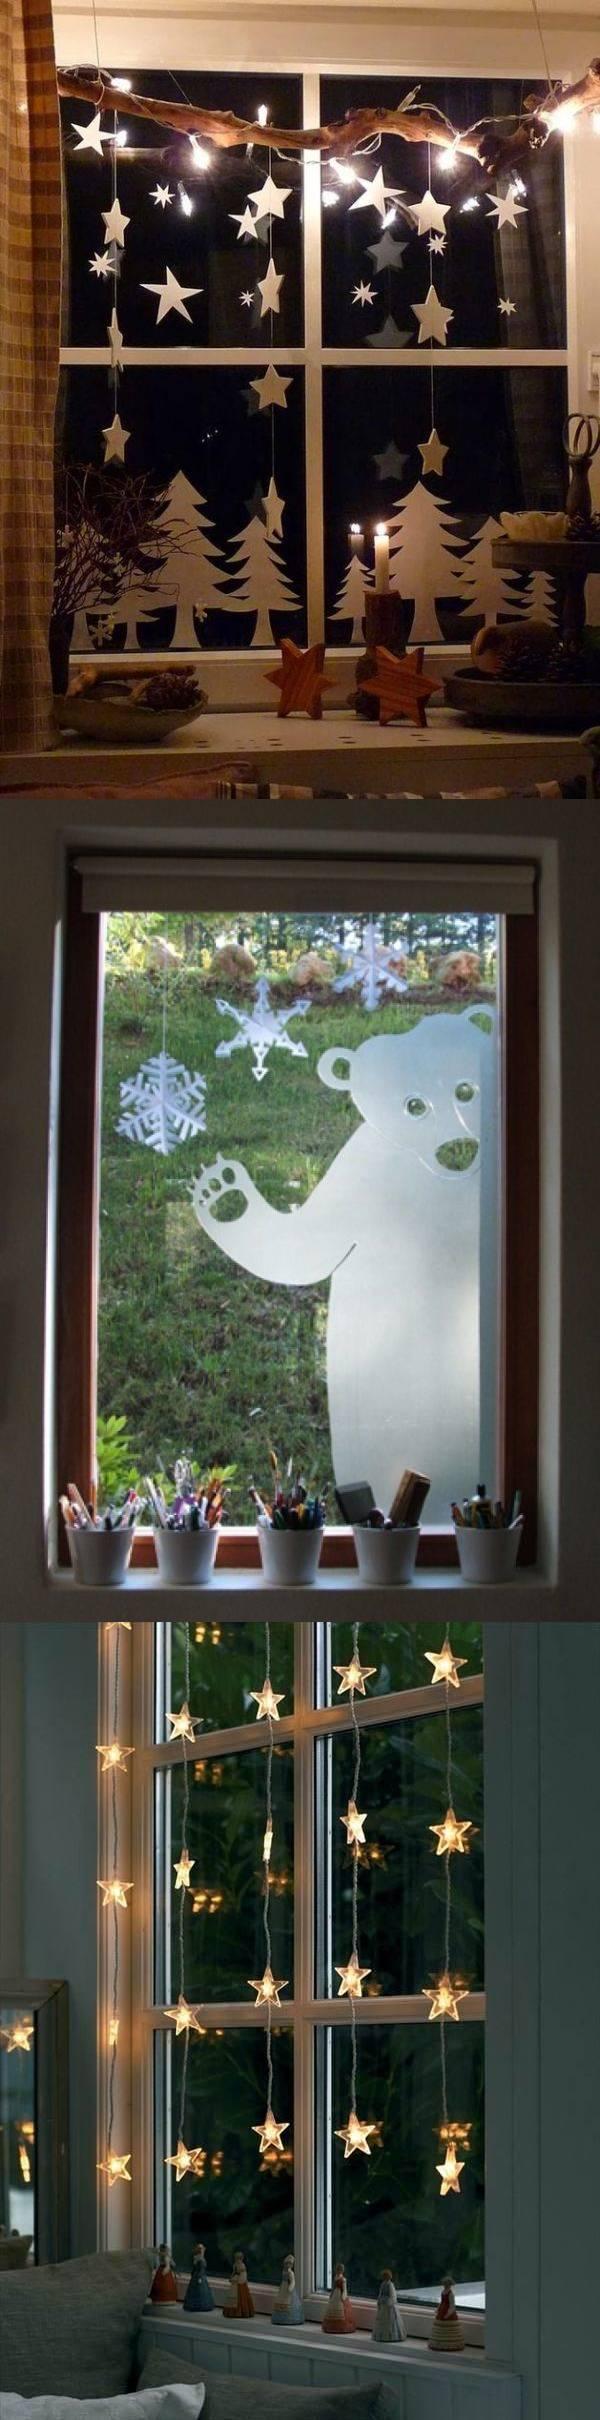 Как украсить окно на Новый год - 15 идей